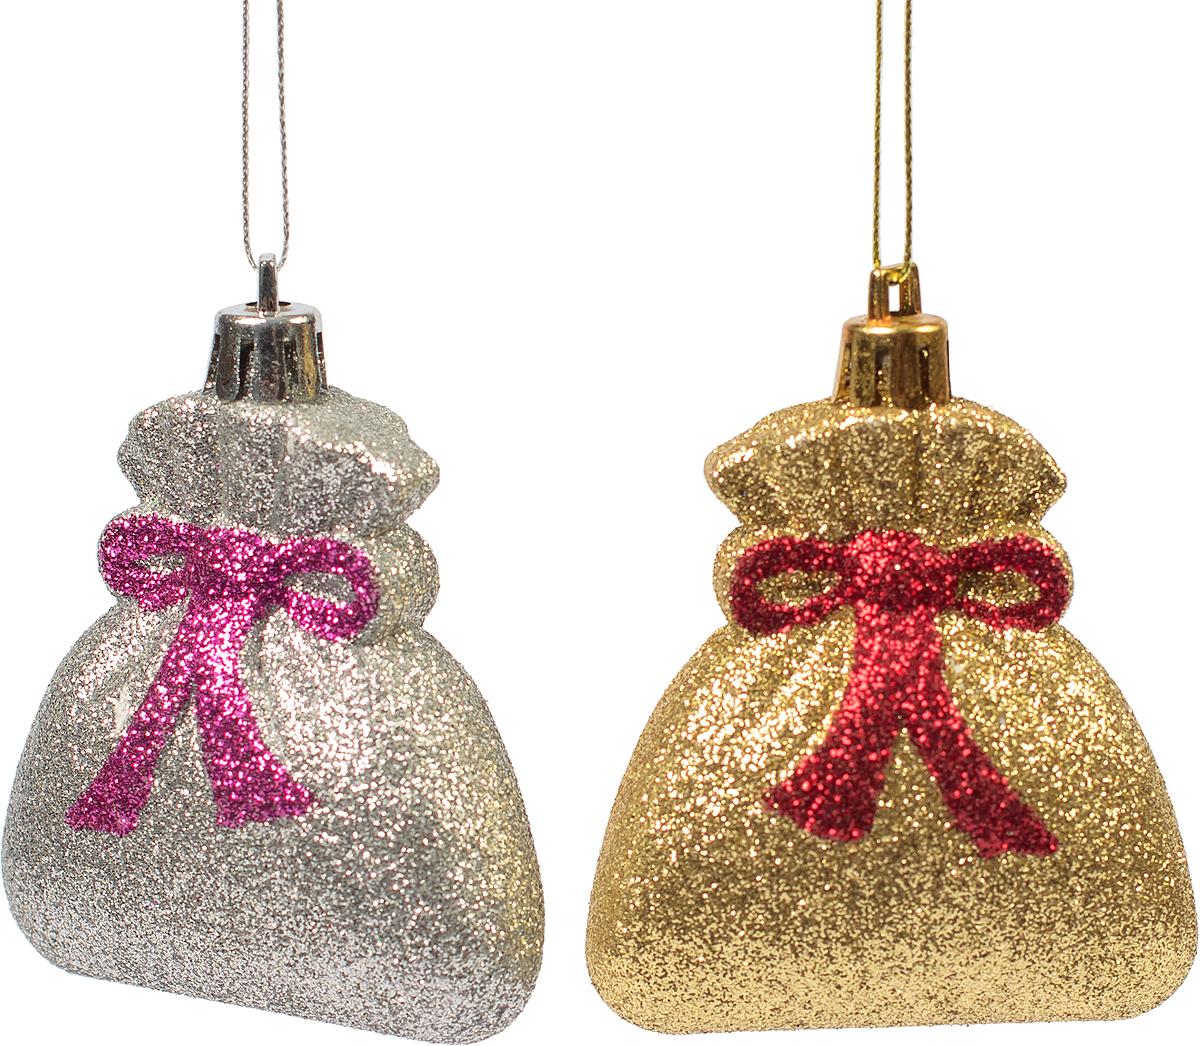 Украшение новогоднее подвесное Magic Time, 2 шт. 75451 новогоднее подвесное украшение нотная тетрадь цвет золотистый 25065